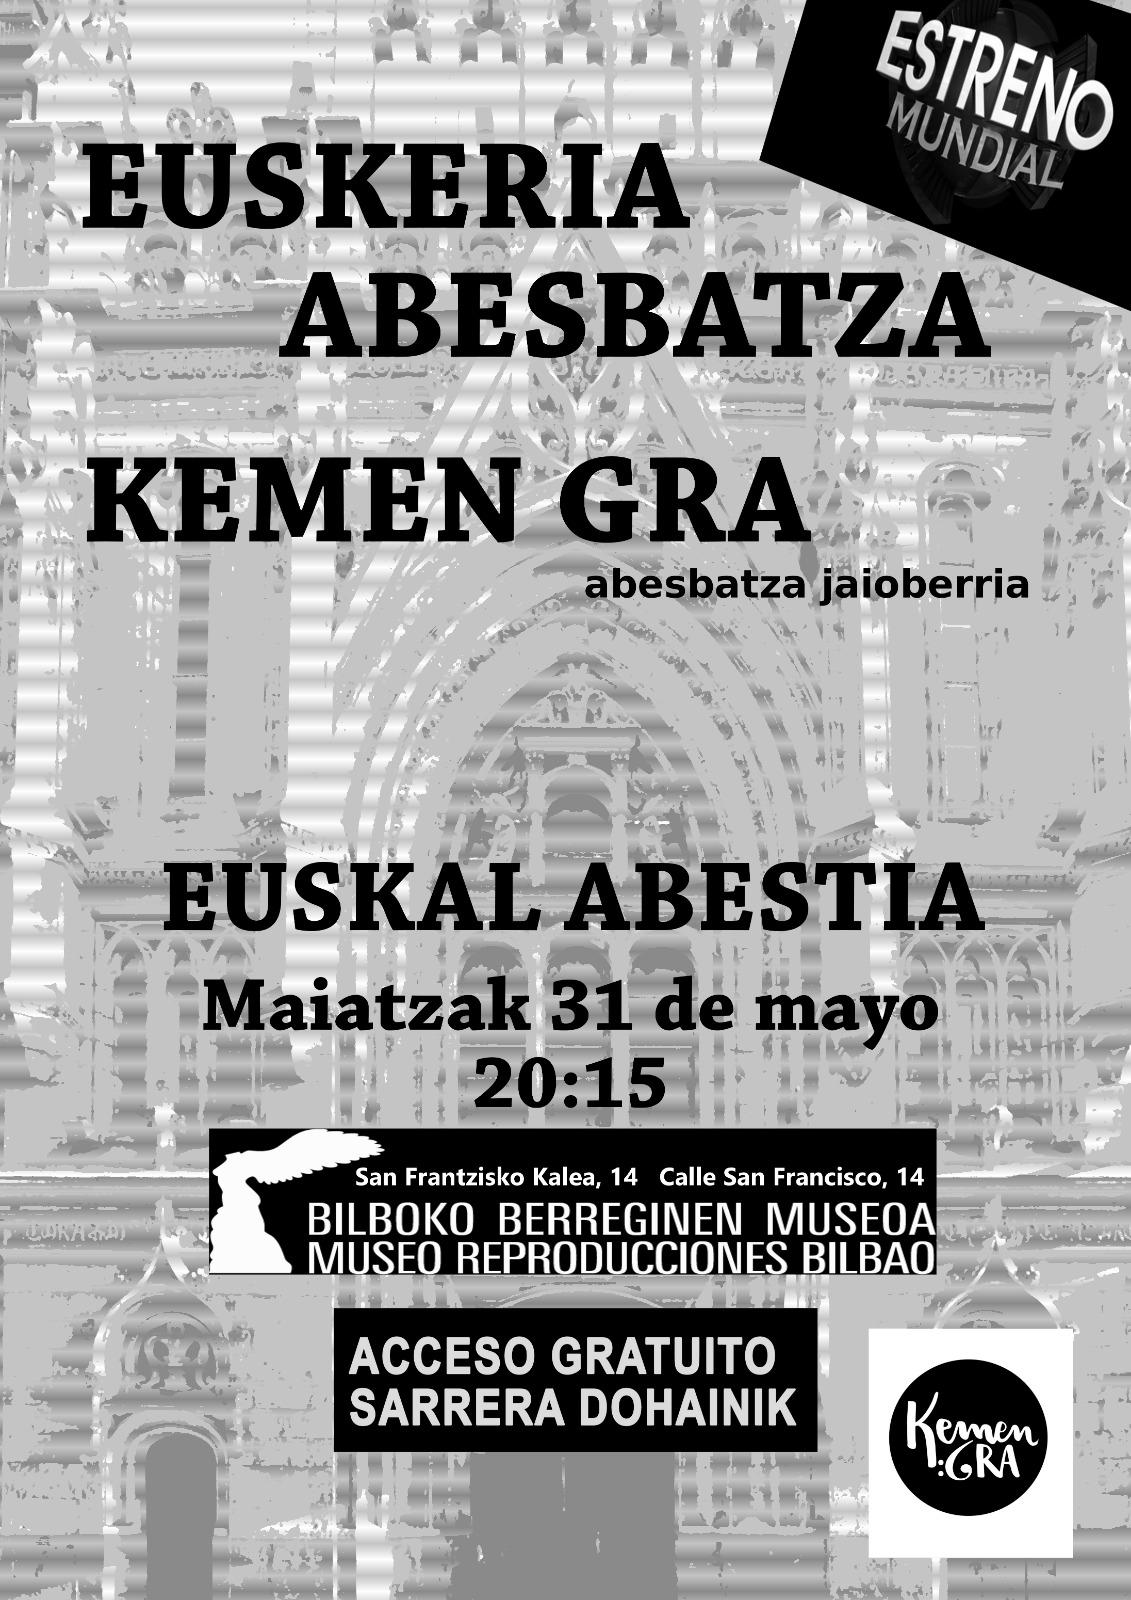 Euskal musika koraleko kontzertua Berreginen Museoan